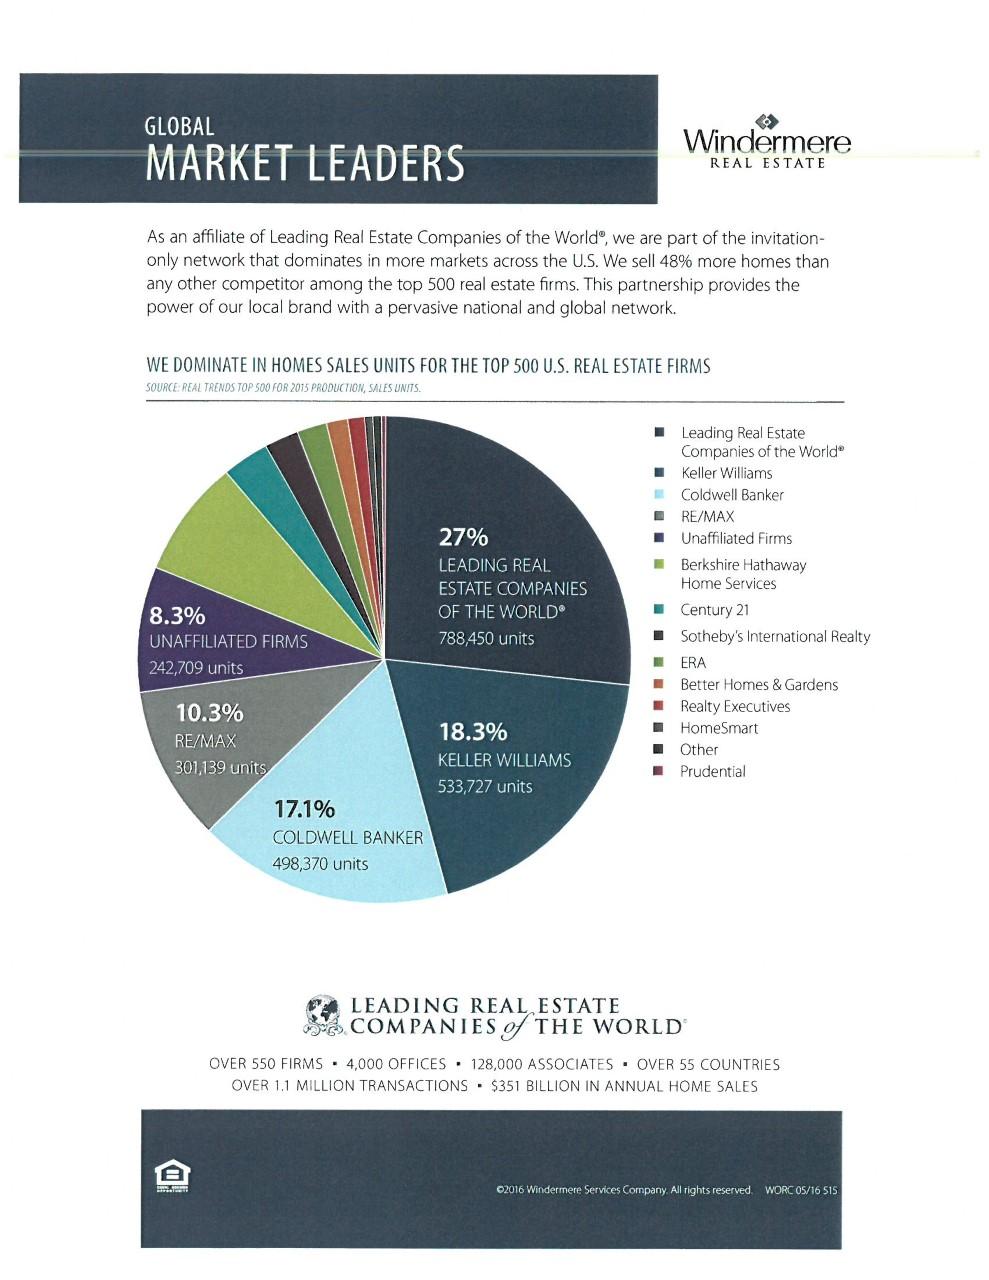 Global Market Leaders